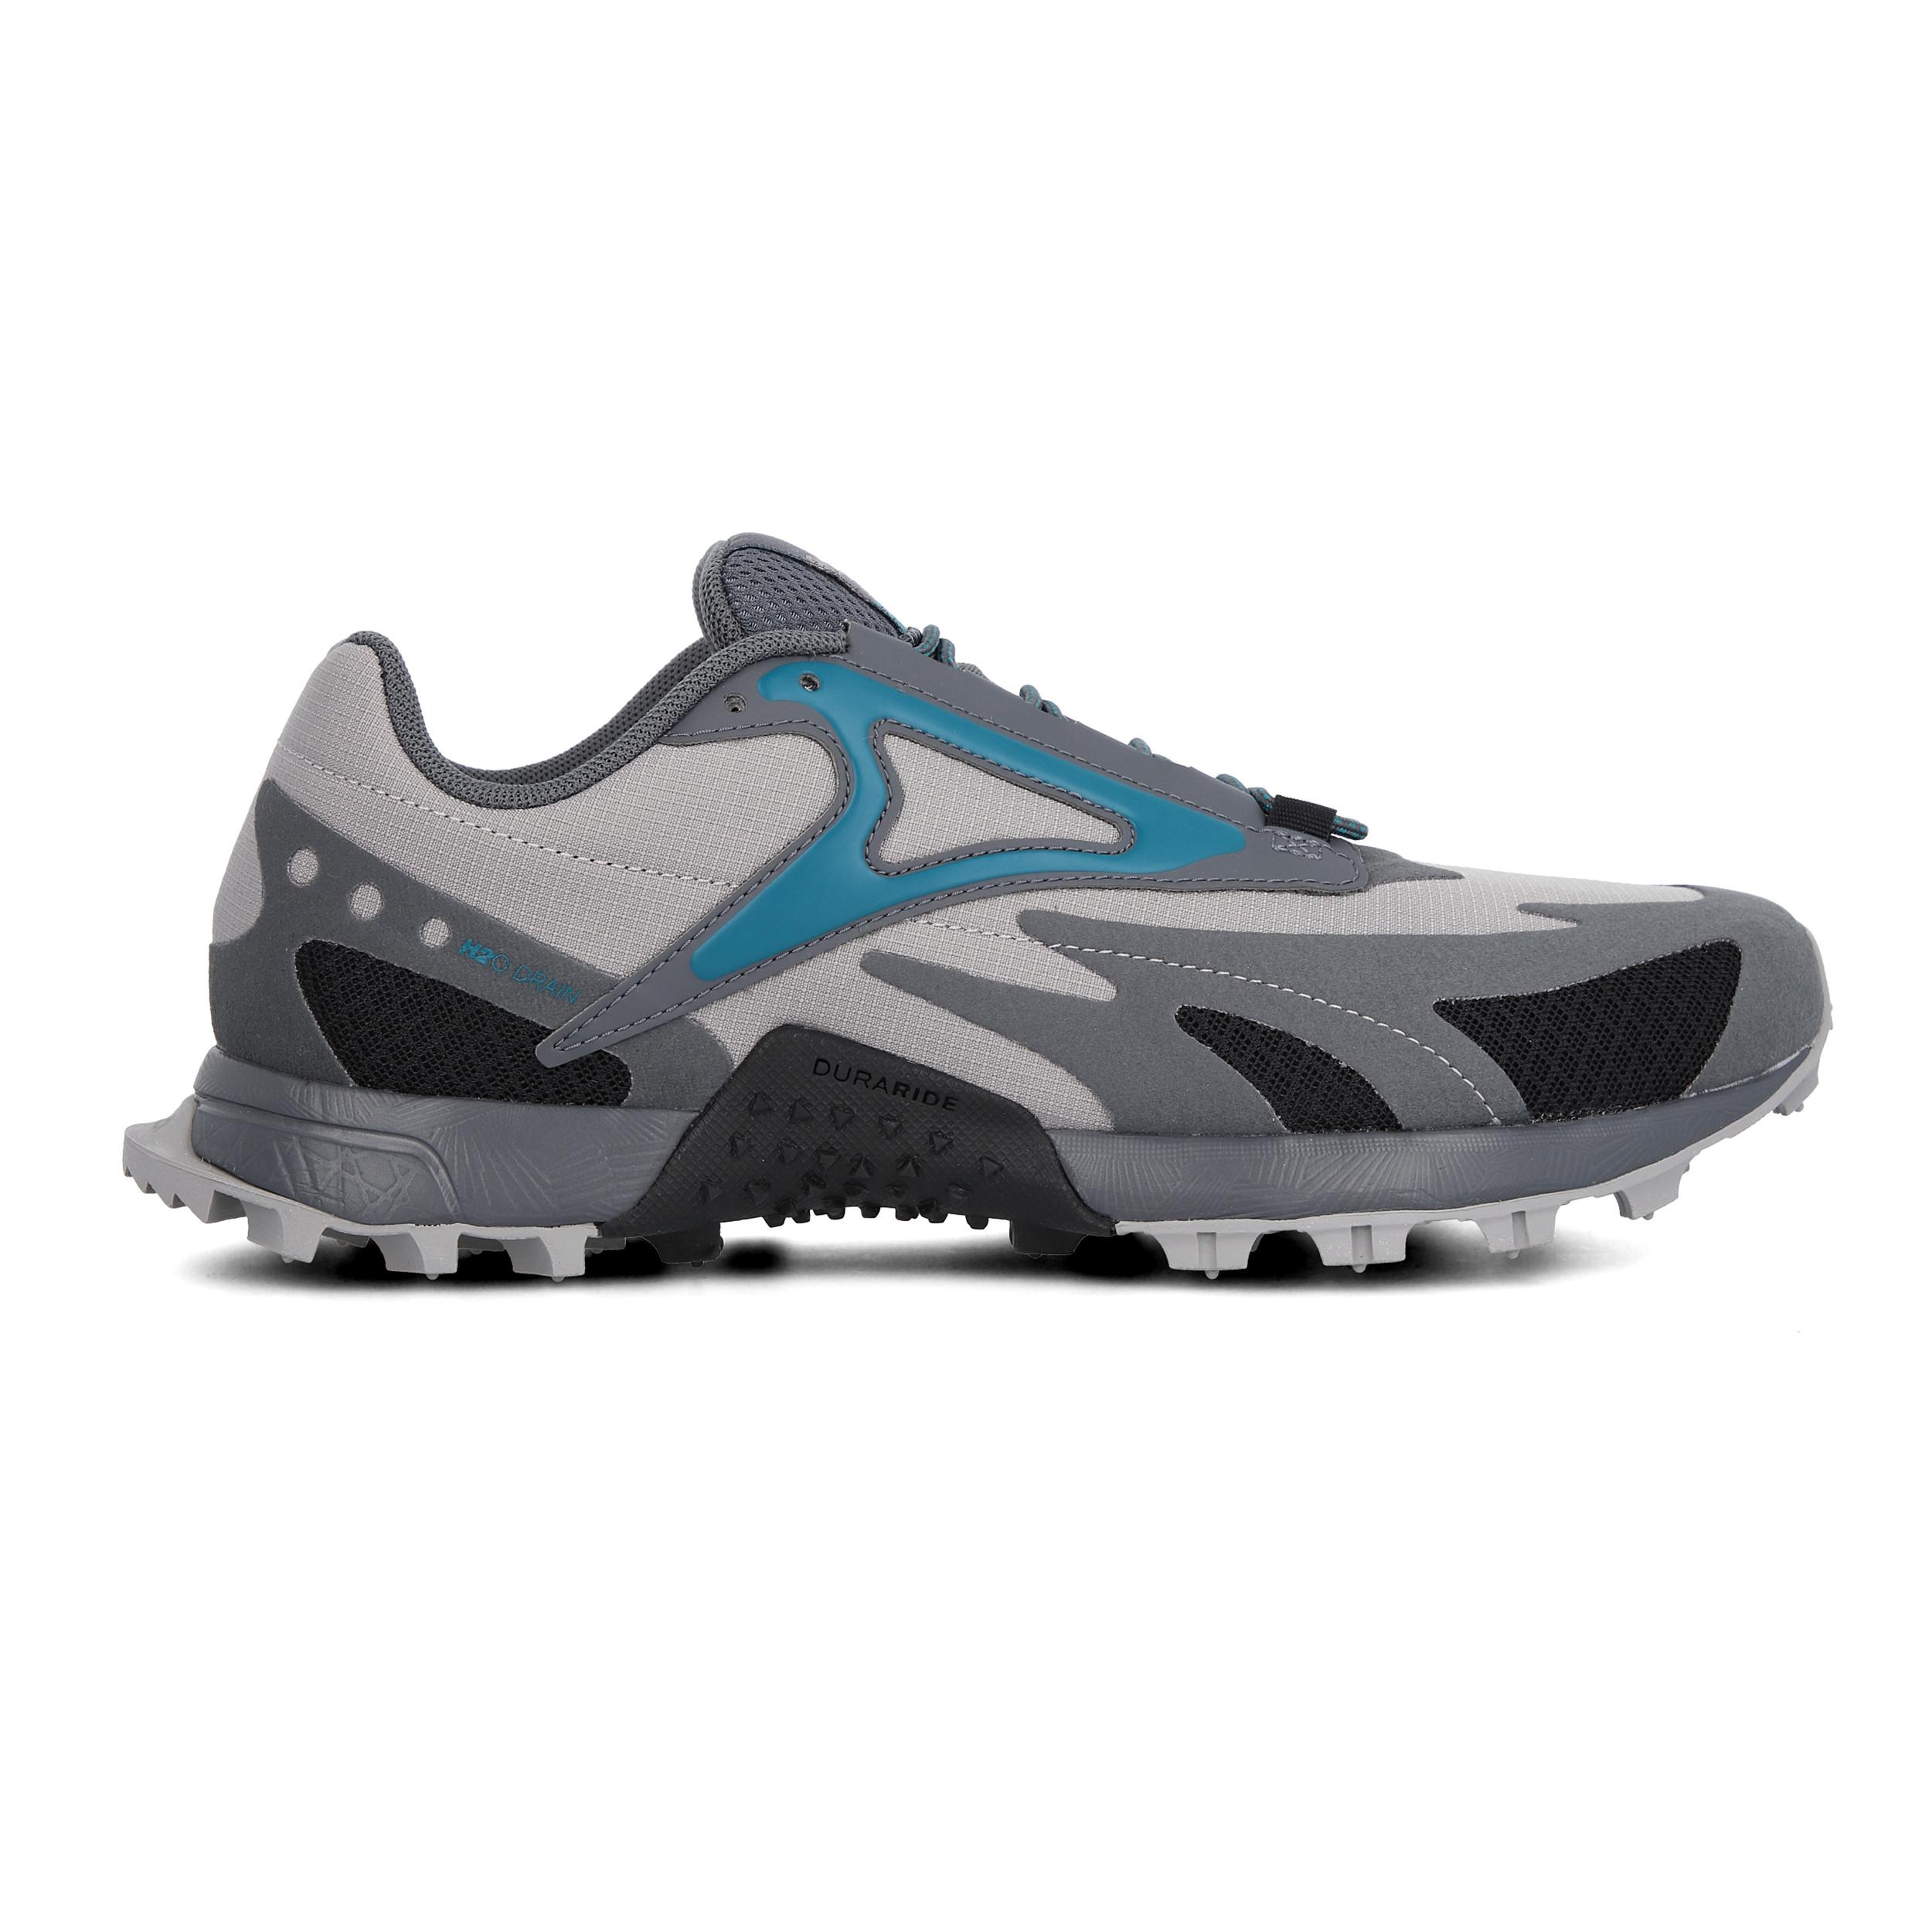 miniature 59 - Reebok-Homme-Tout-Terrain-Craze-2-0-Trail-Chaussures-De-Course-Baskets-Baskets-Gris